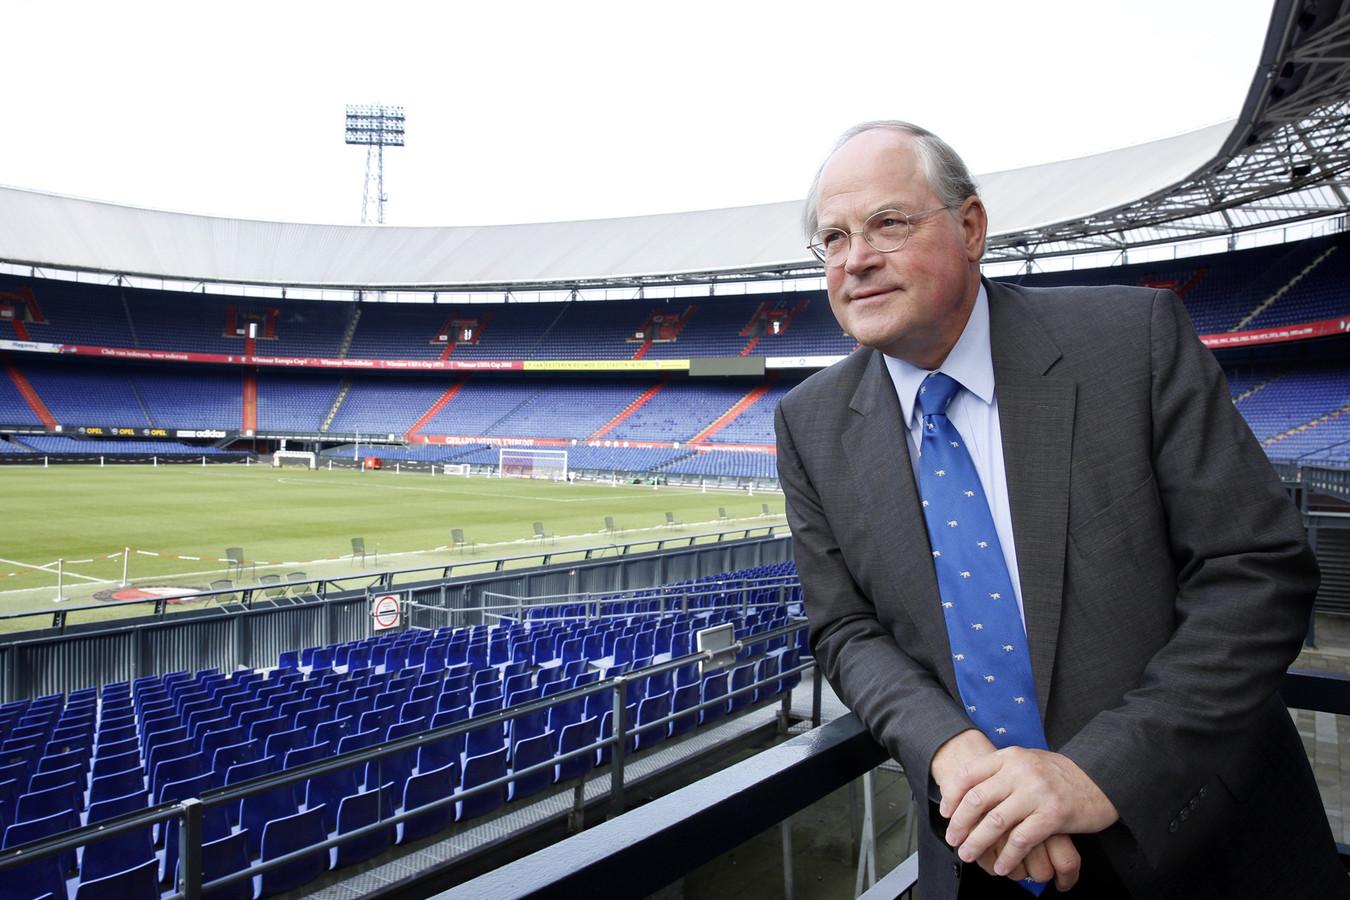 President-commissaris René van Ierschot van Stadion Feijenoord.